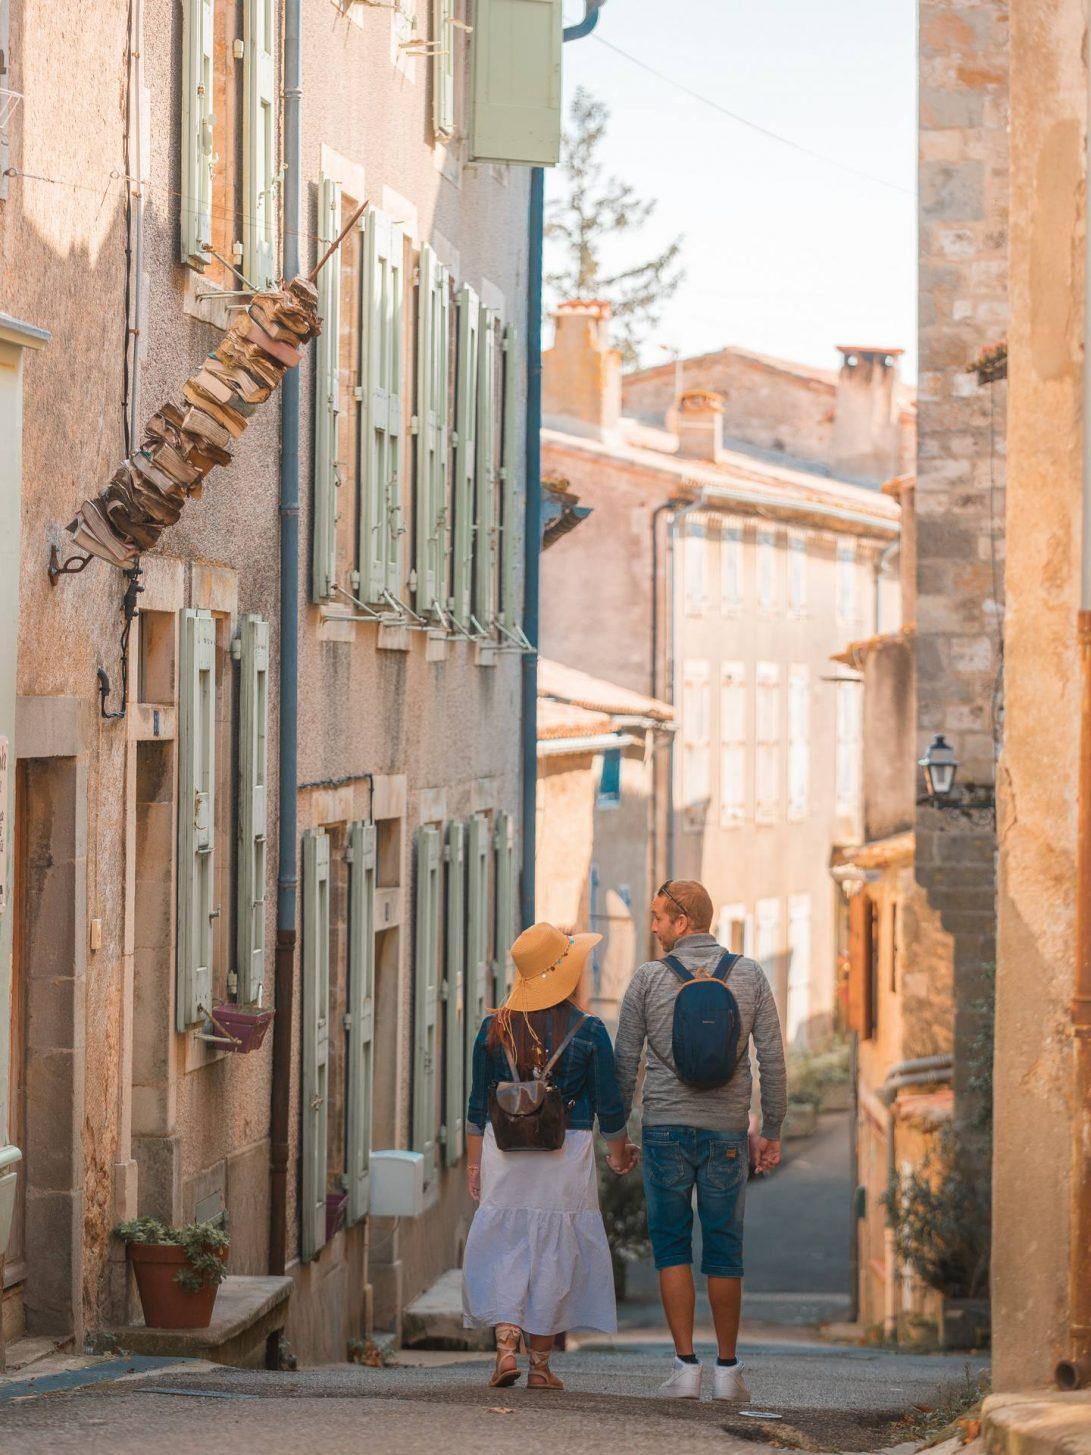 Balade dans les ruelles de Montolieu, village du livre © Vincent Photographie, OT Grand Carcassonne